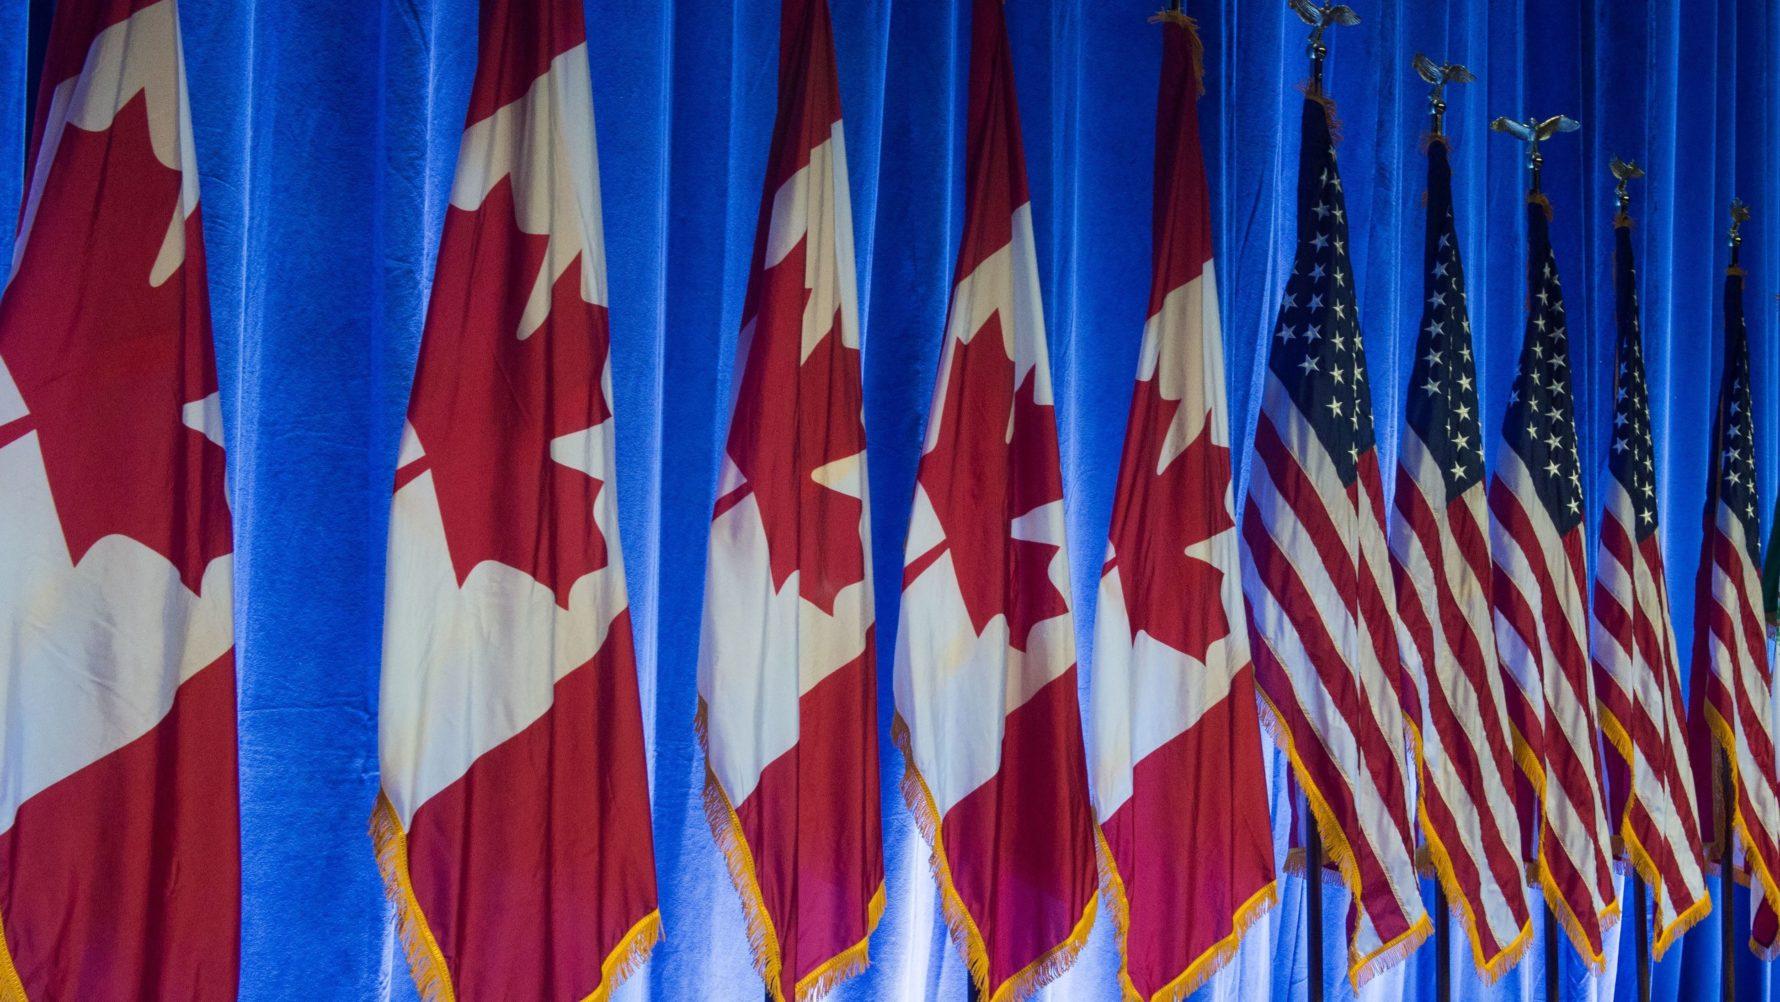 Us Canada Trade Talks Continue In Bid To Update Nafta Wamu